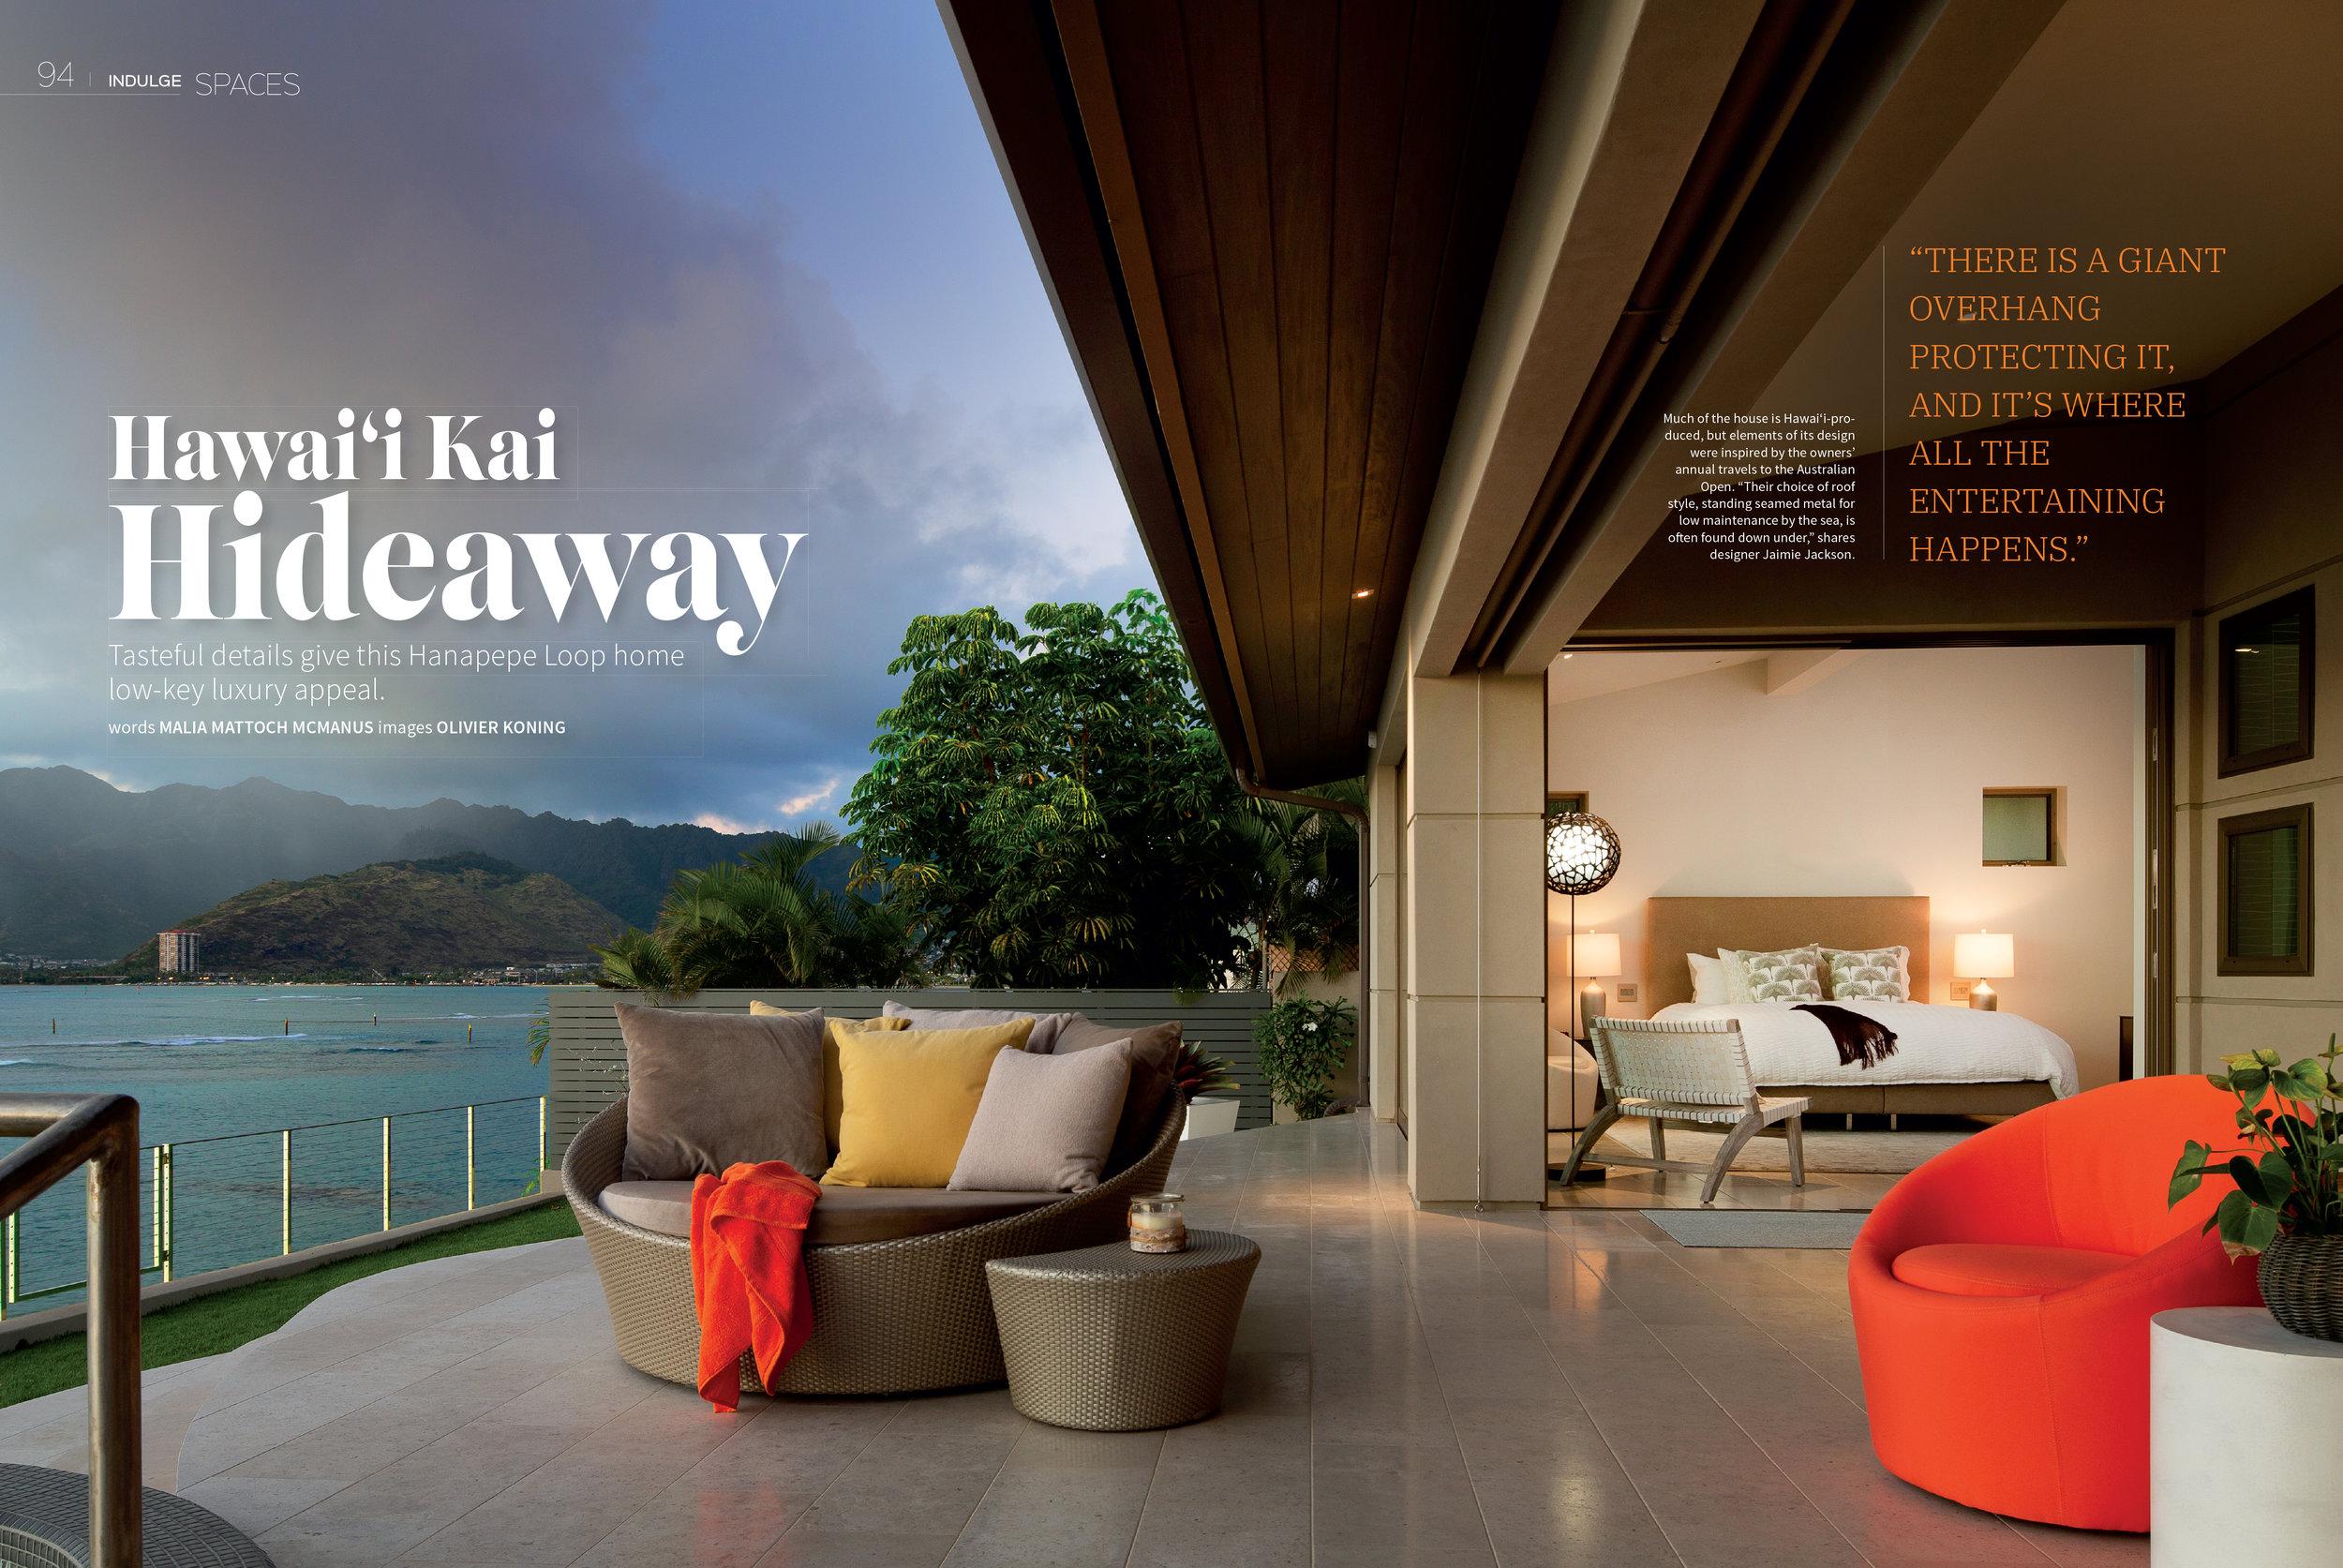 Hawai'i Kai Hideaway